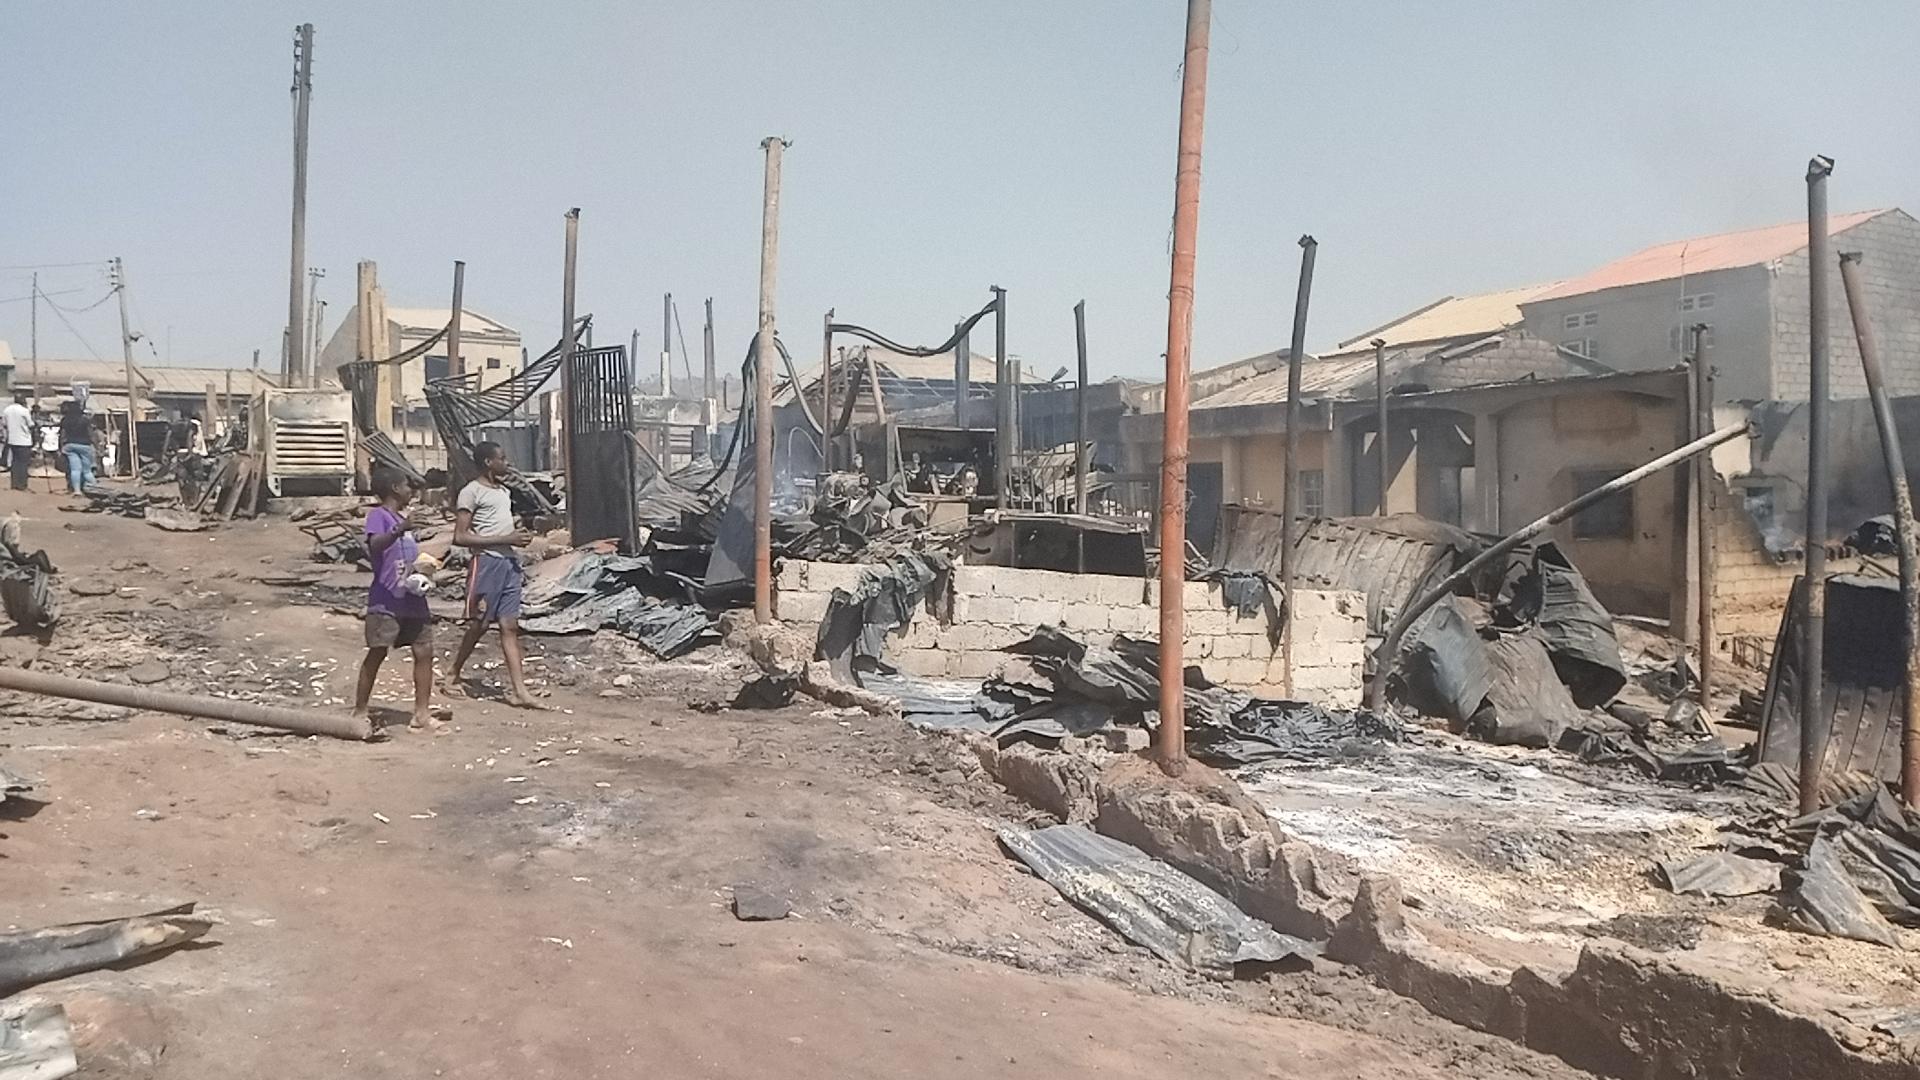 Burnt shops